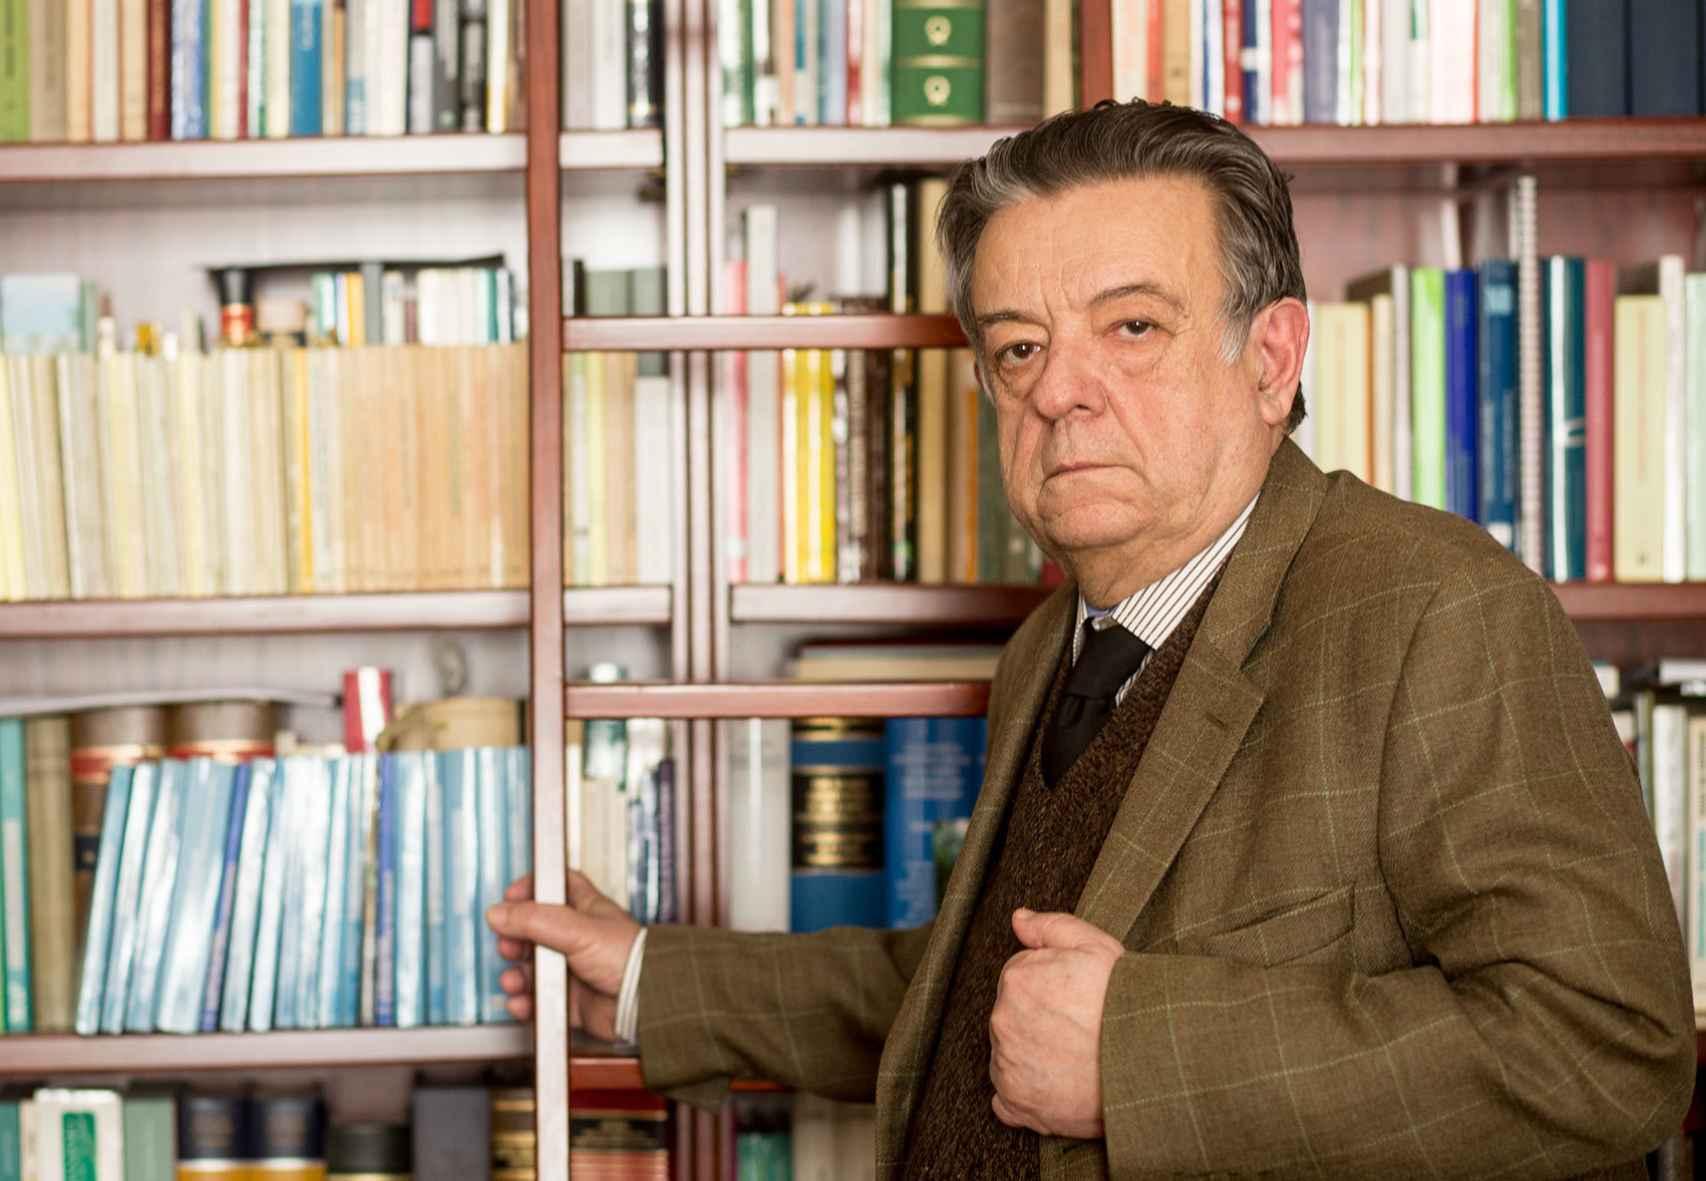 Herrero de Miñón en su despacho del Consejo de Estado.